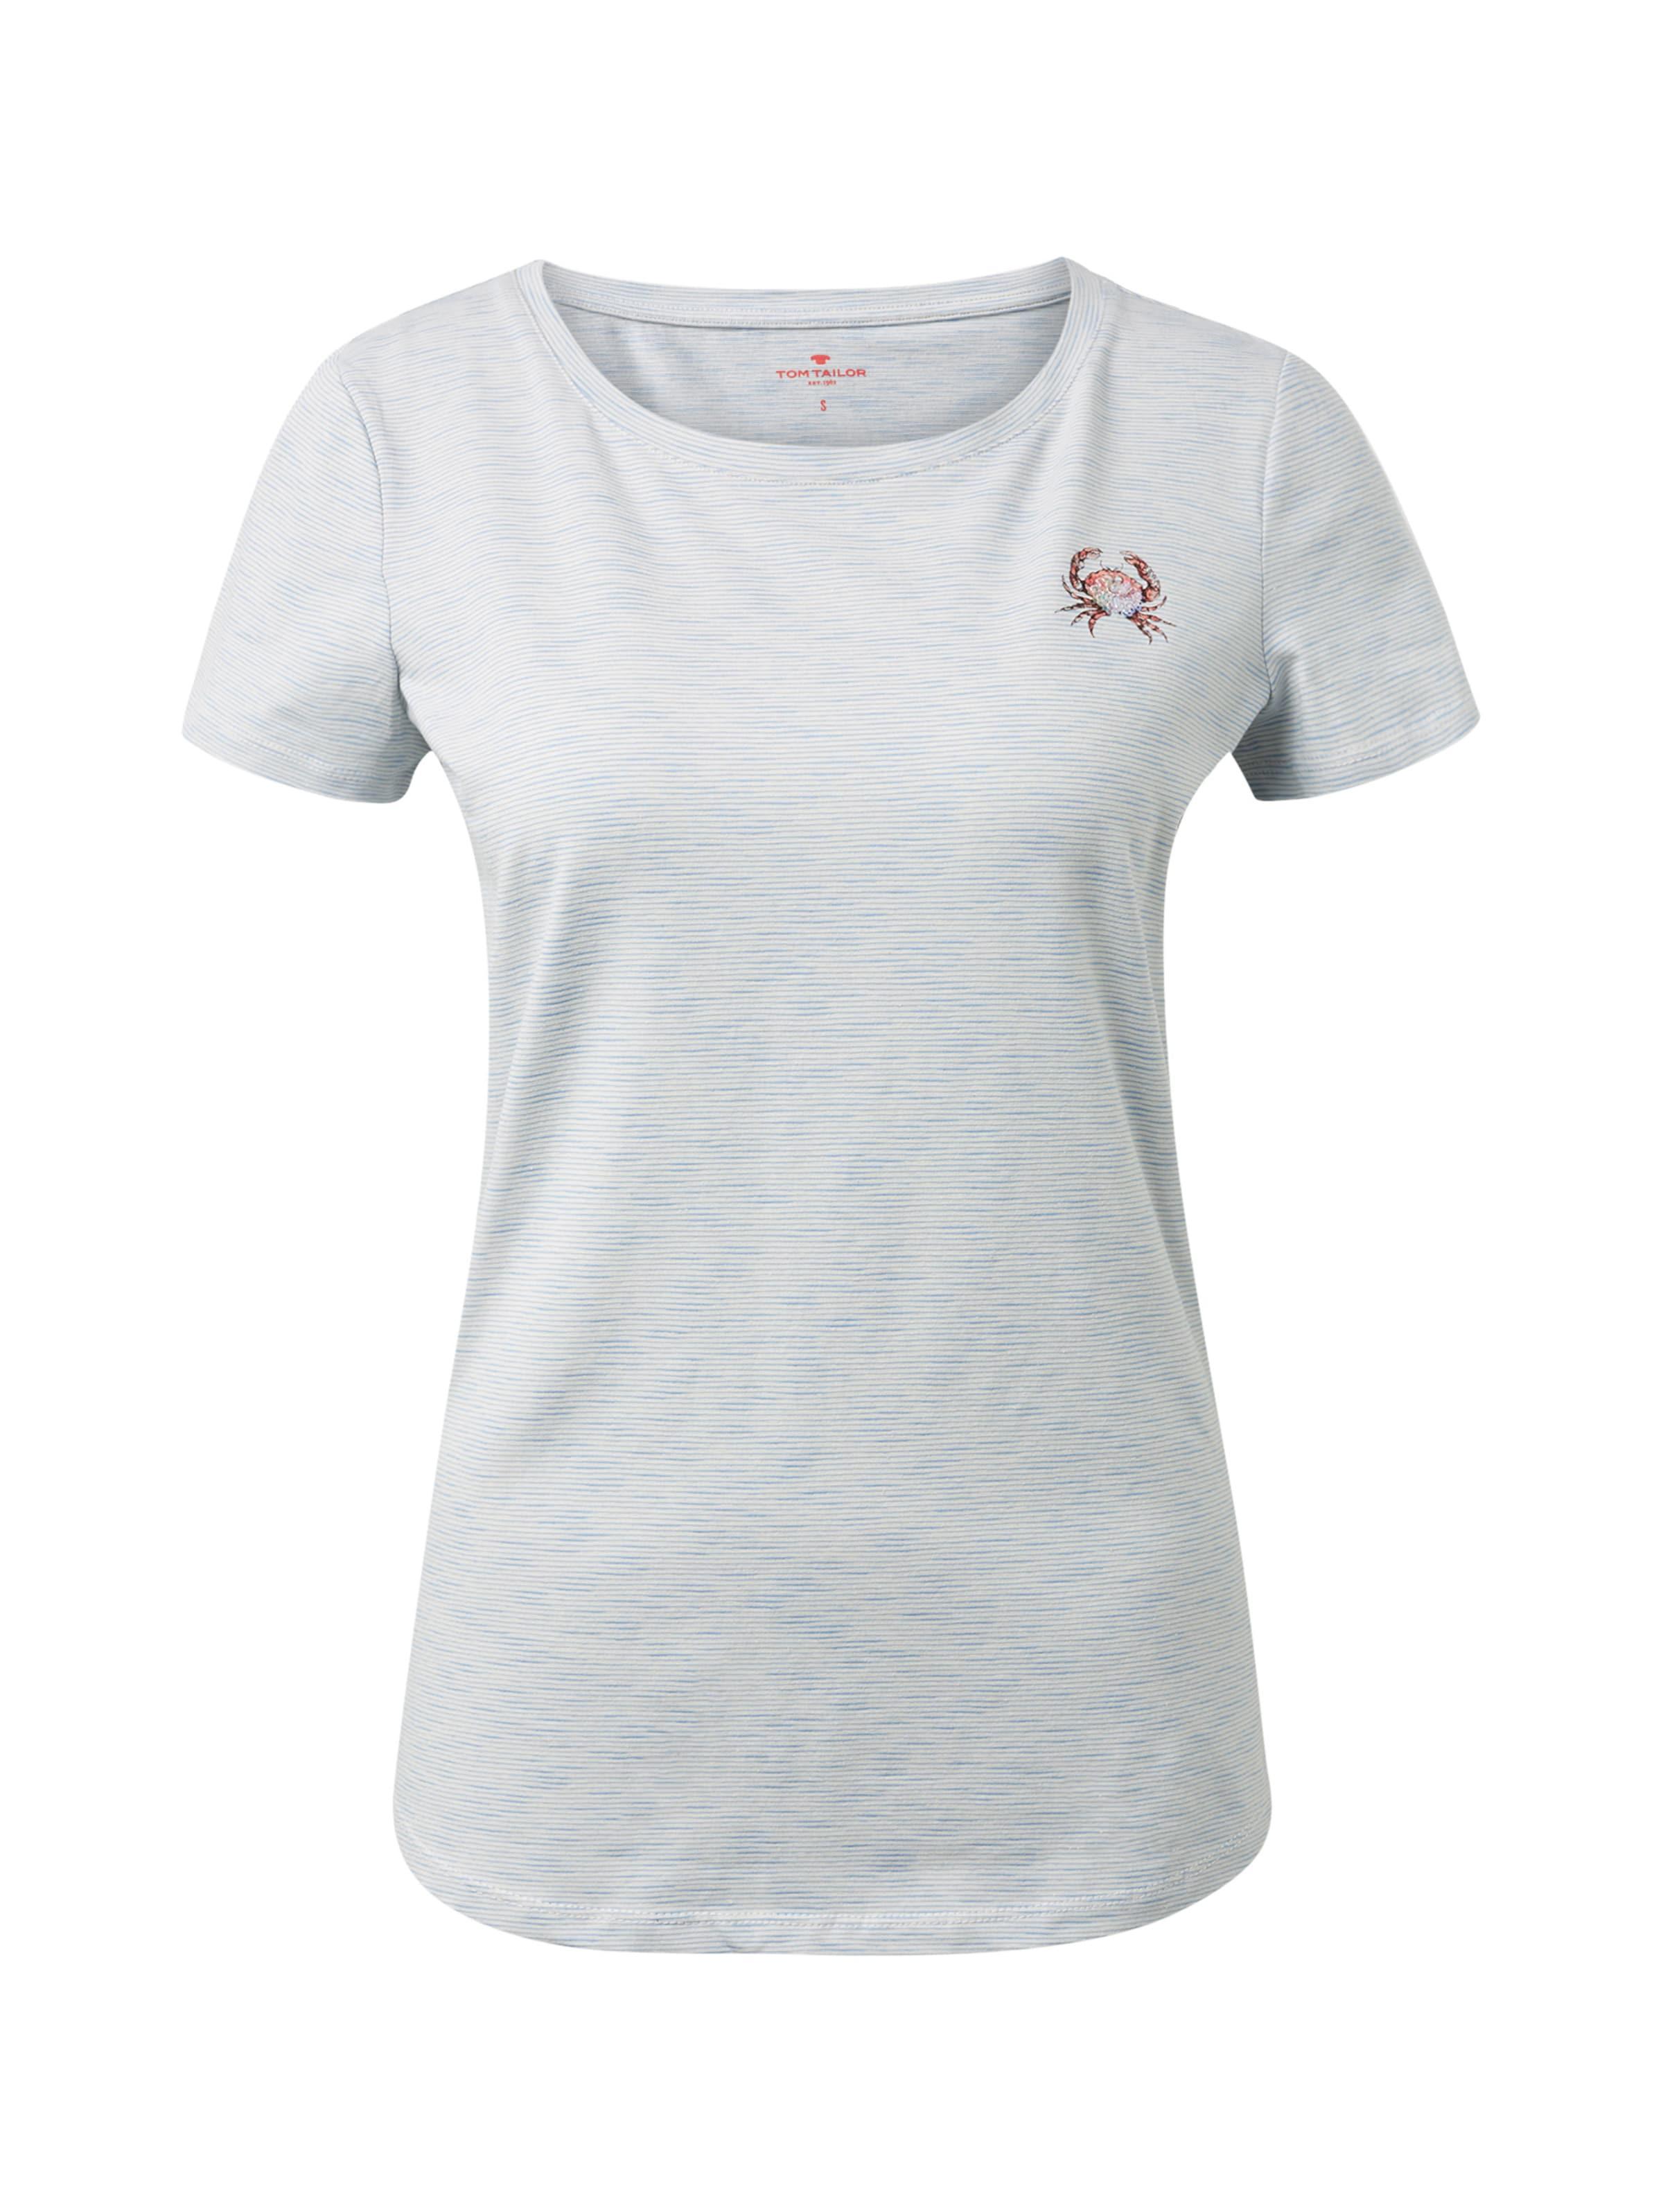 Tailor T Tom RoyalblauWeiß shirt In 6vbYg7yf